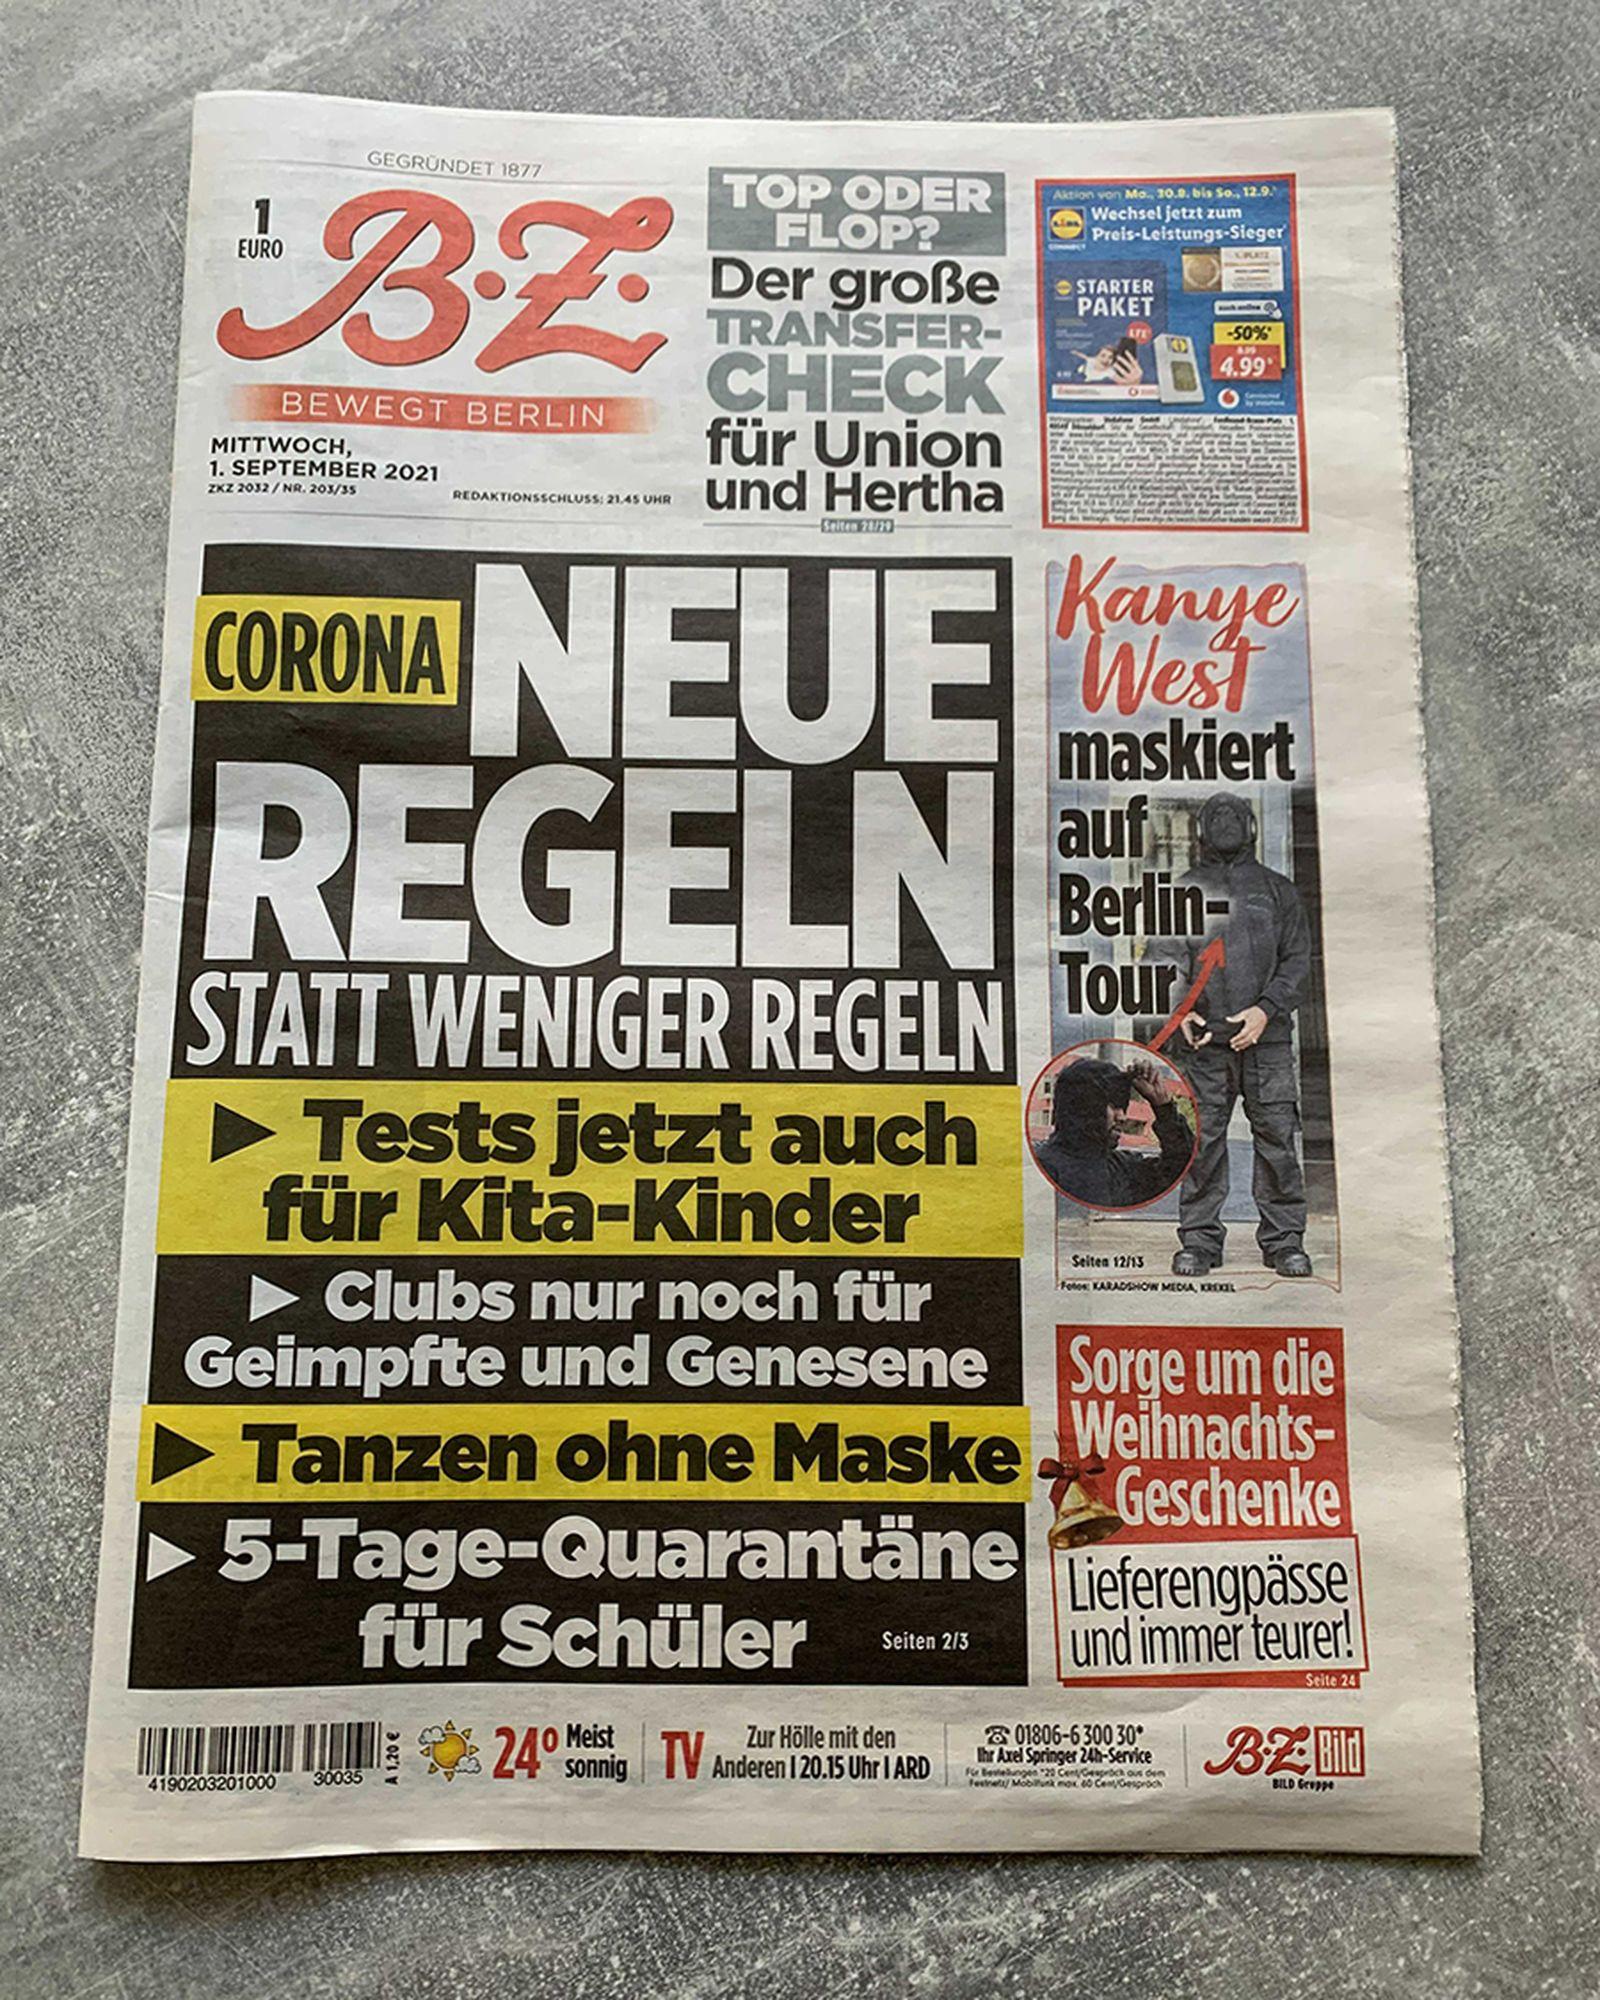 kanye west berlin kw institute hoodie merch buy bild newspaper donda outfit scan